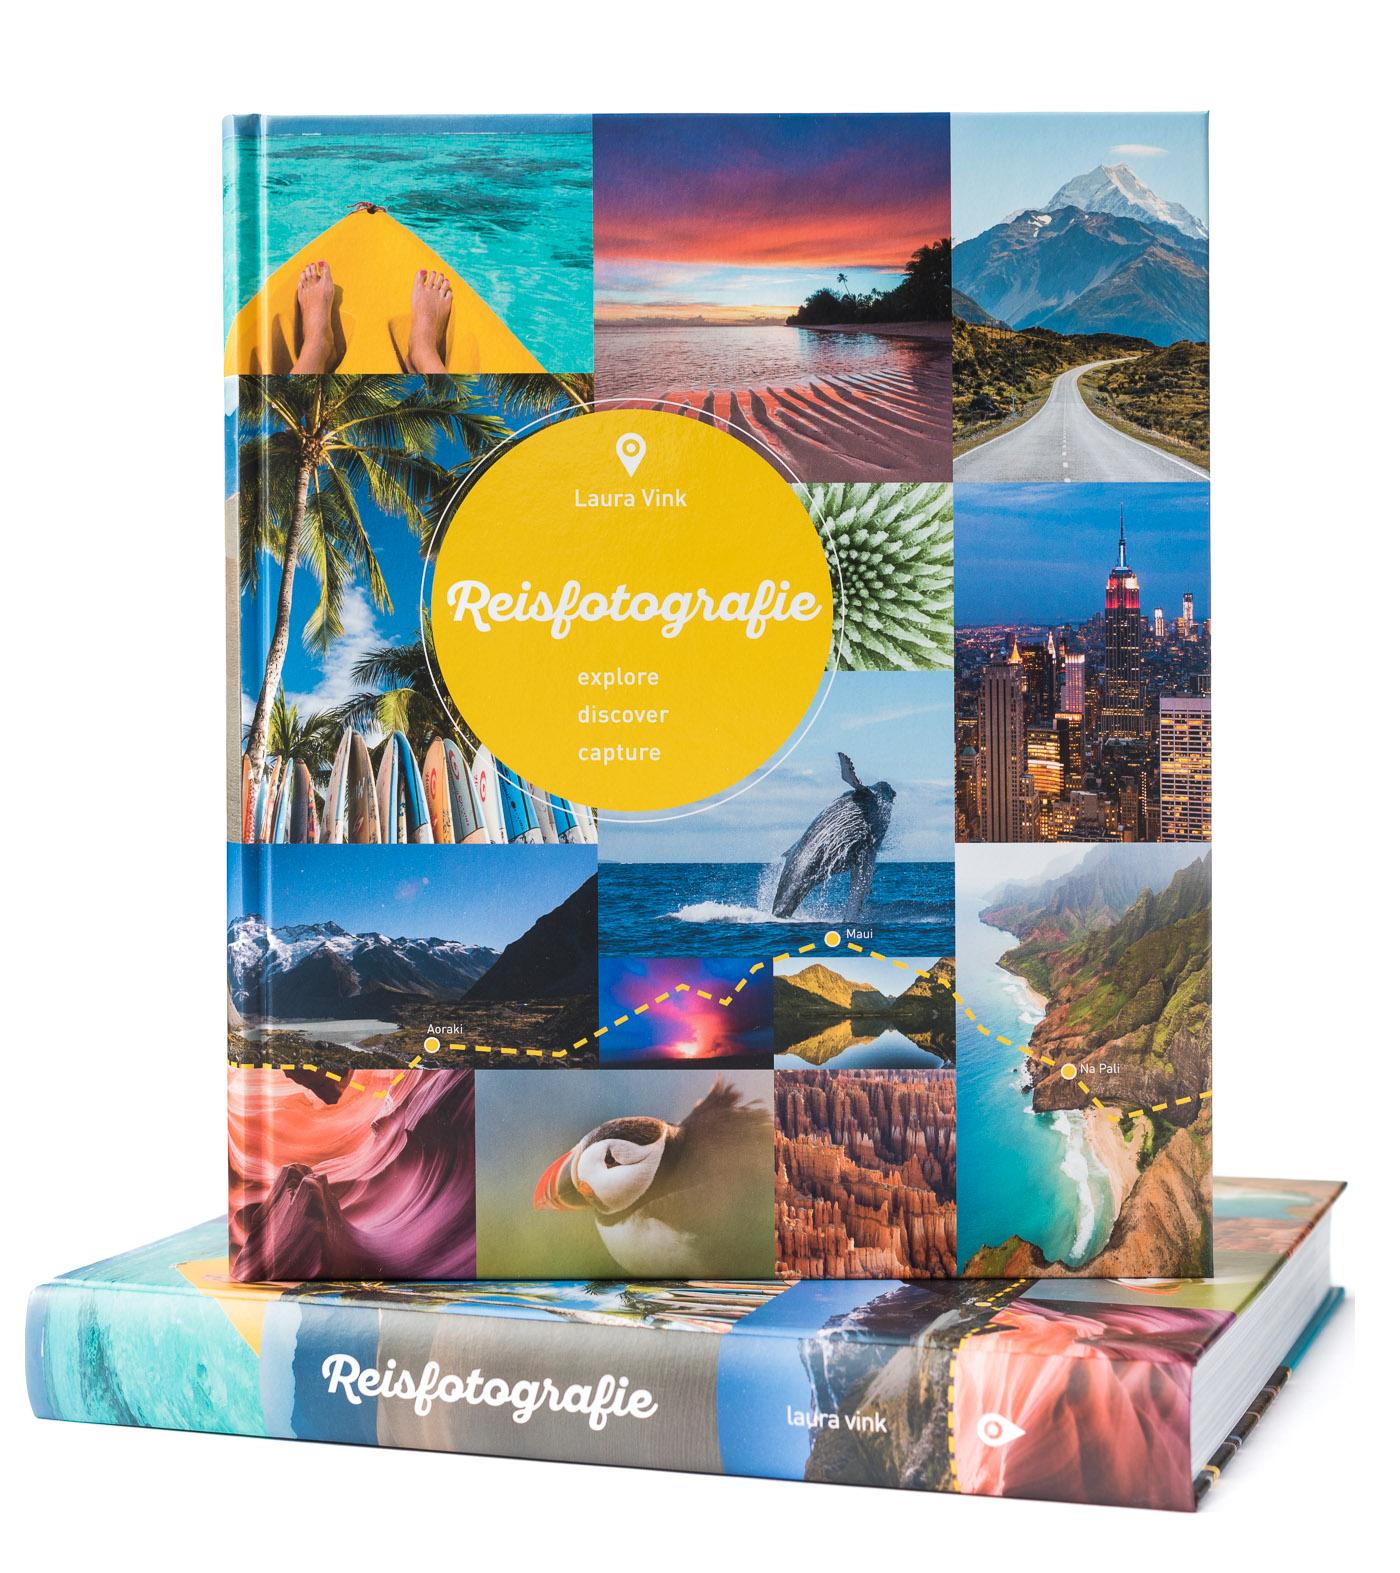 Boek Reisfotografie - Explore Discover Capture - geschreven door Laura Vink